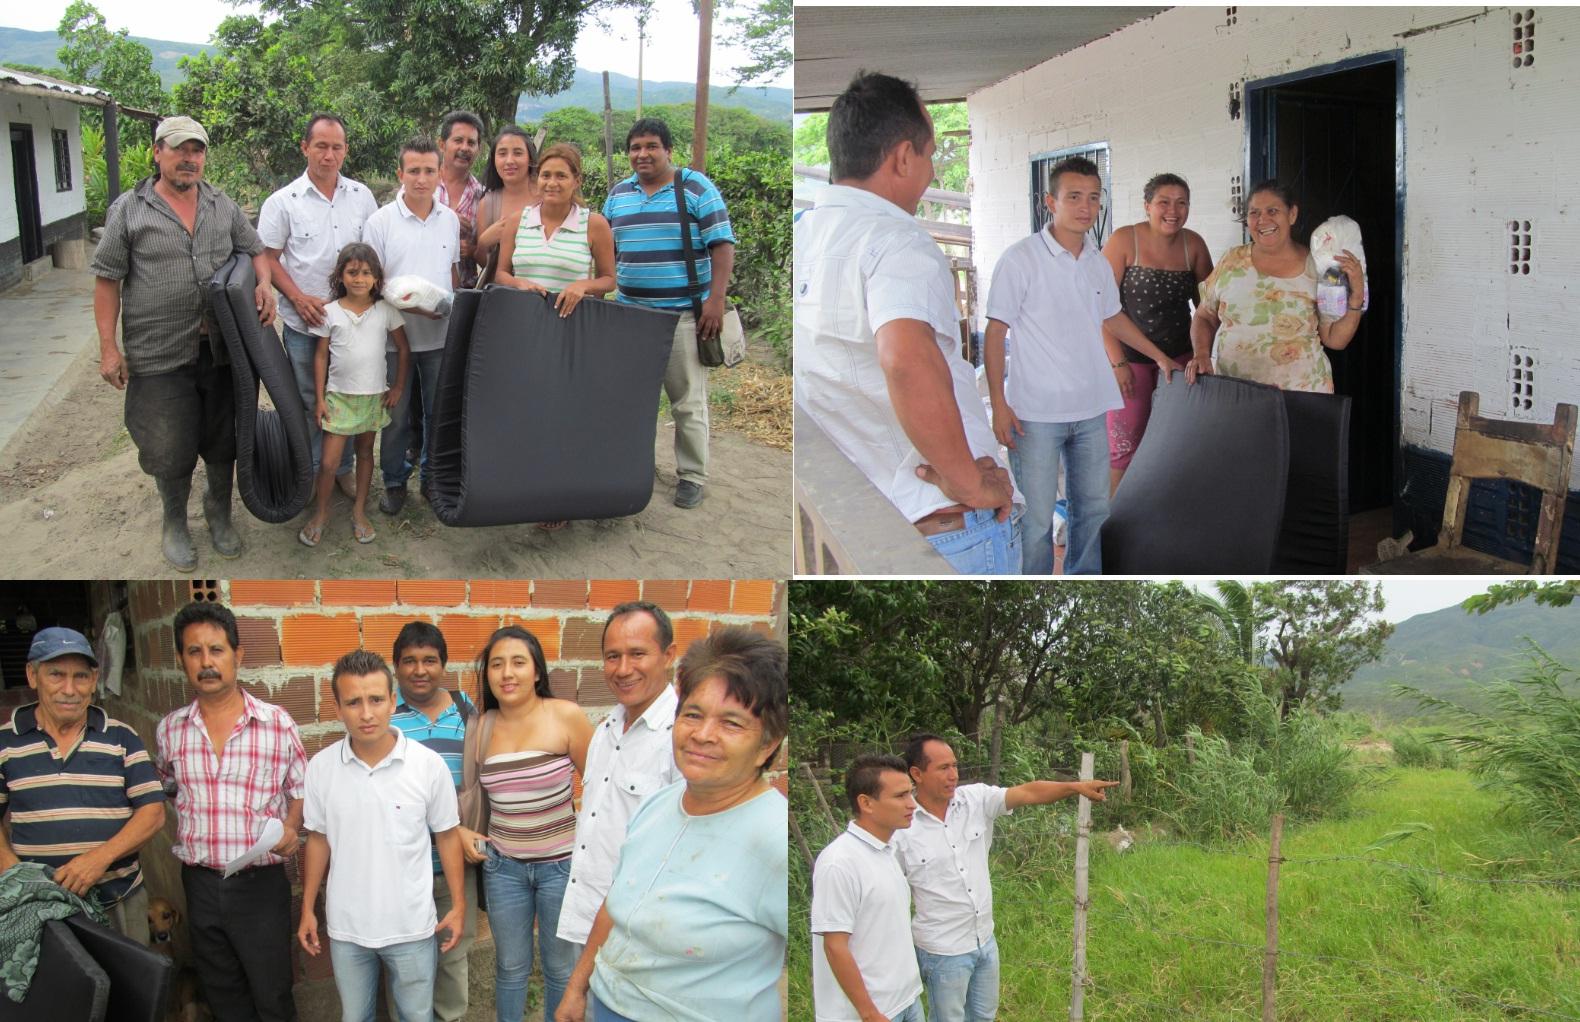 Las noticias de villa del rosario y la frontera 27 05 12 for Oficina ola santander